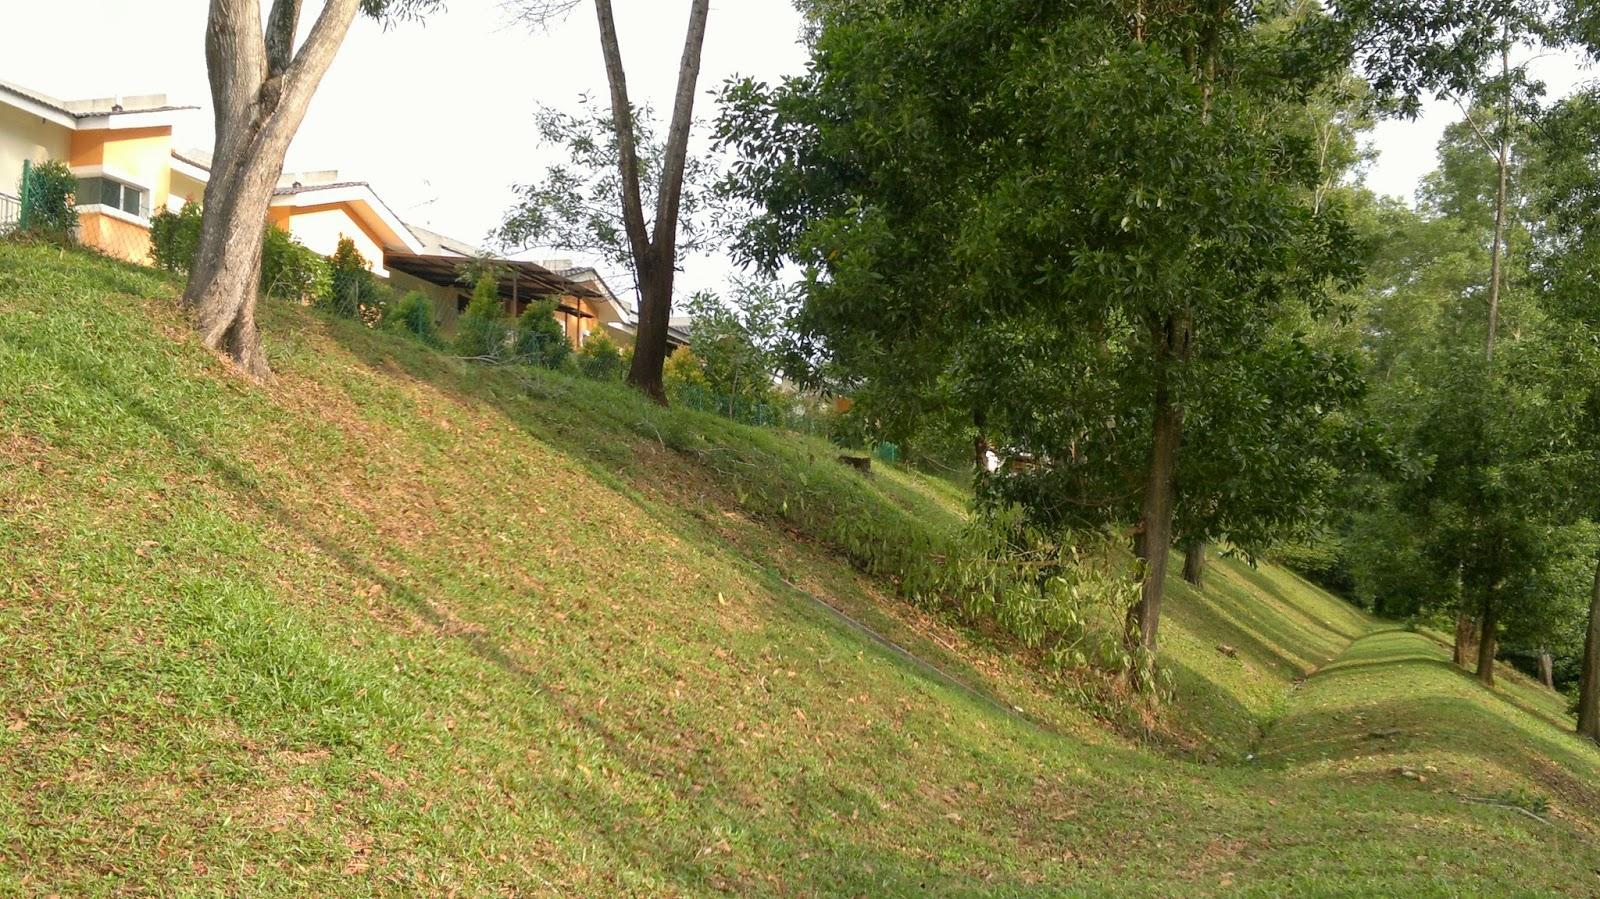 Khidmat Ejen Jual Rumah Selangor Kuala Lumpur Negeri Sembilan Pulau Pinang Kedah Pahang